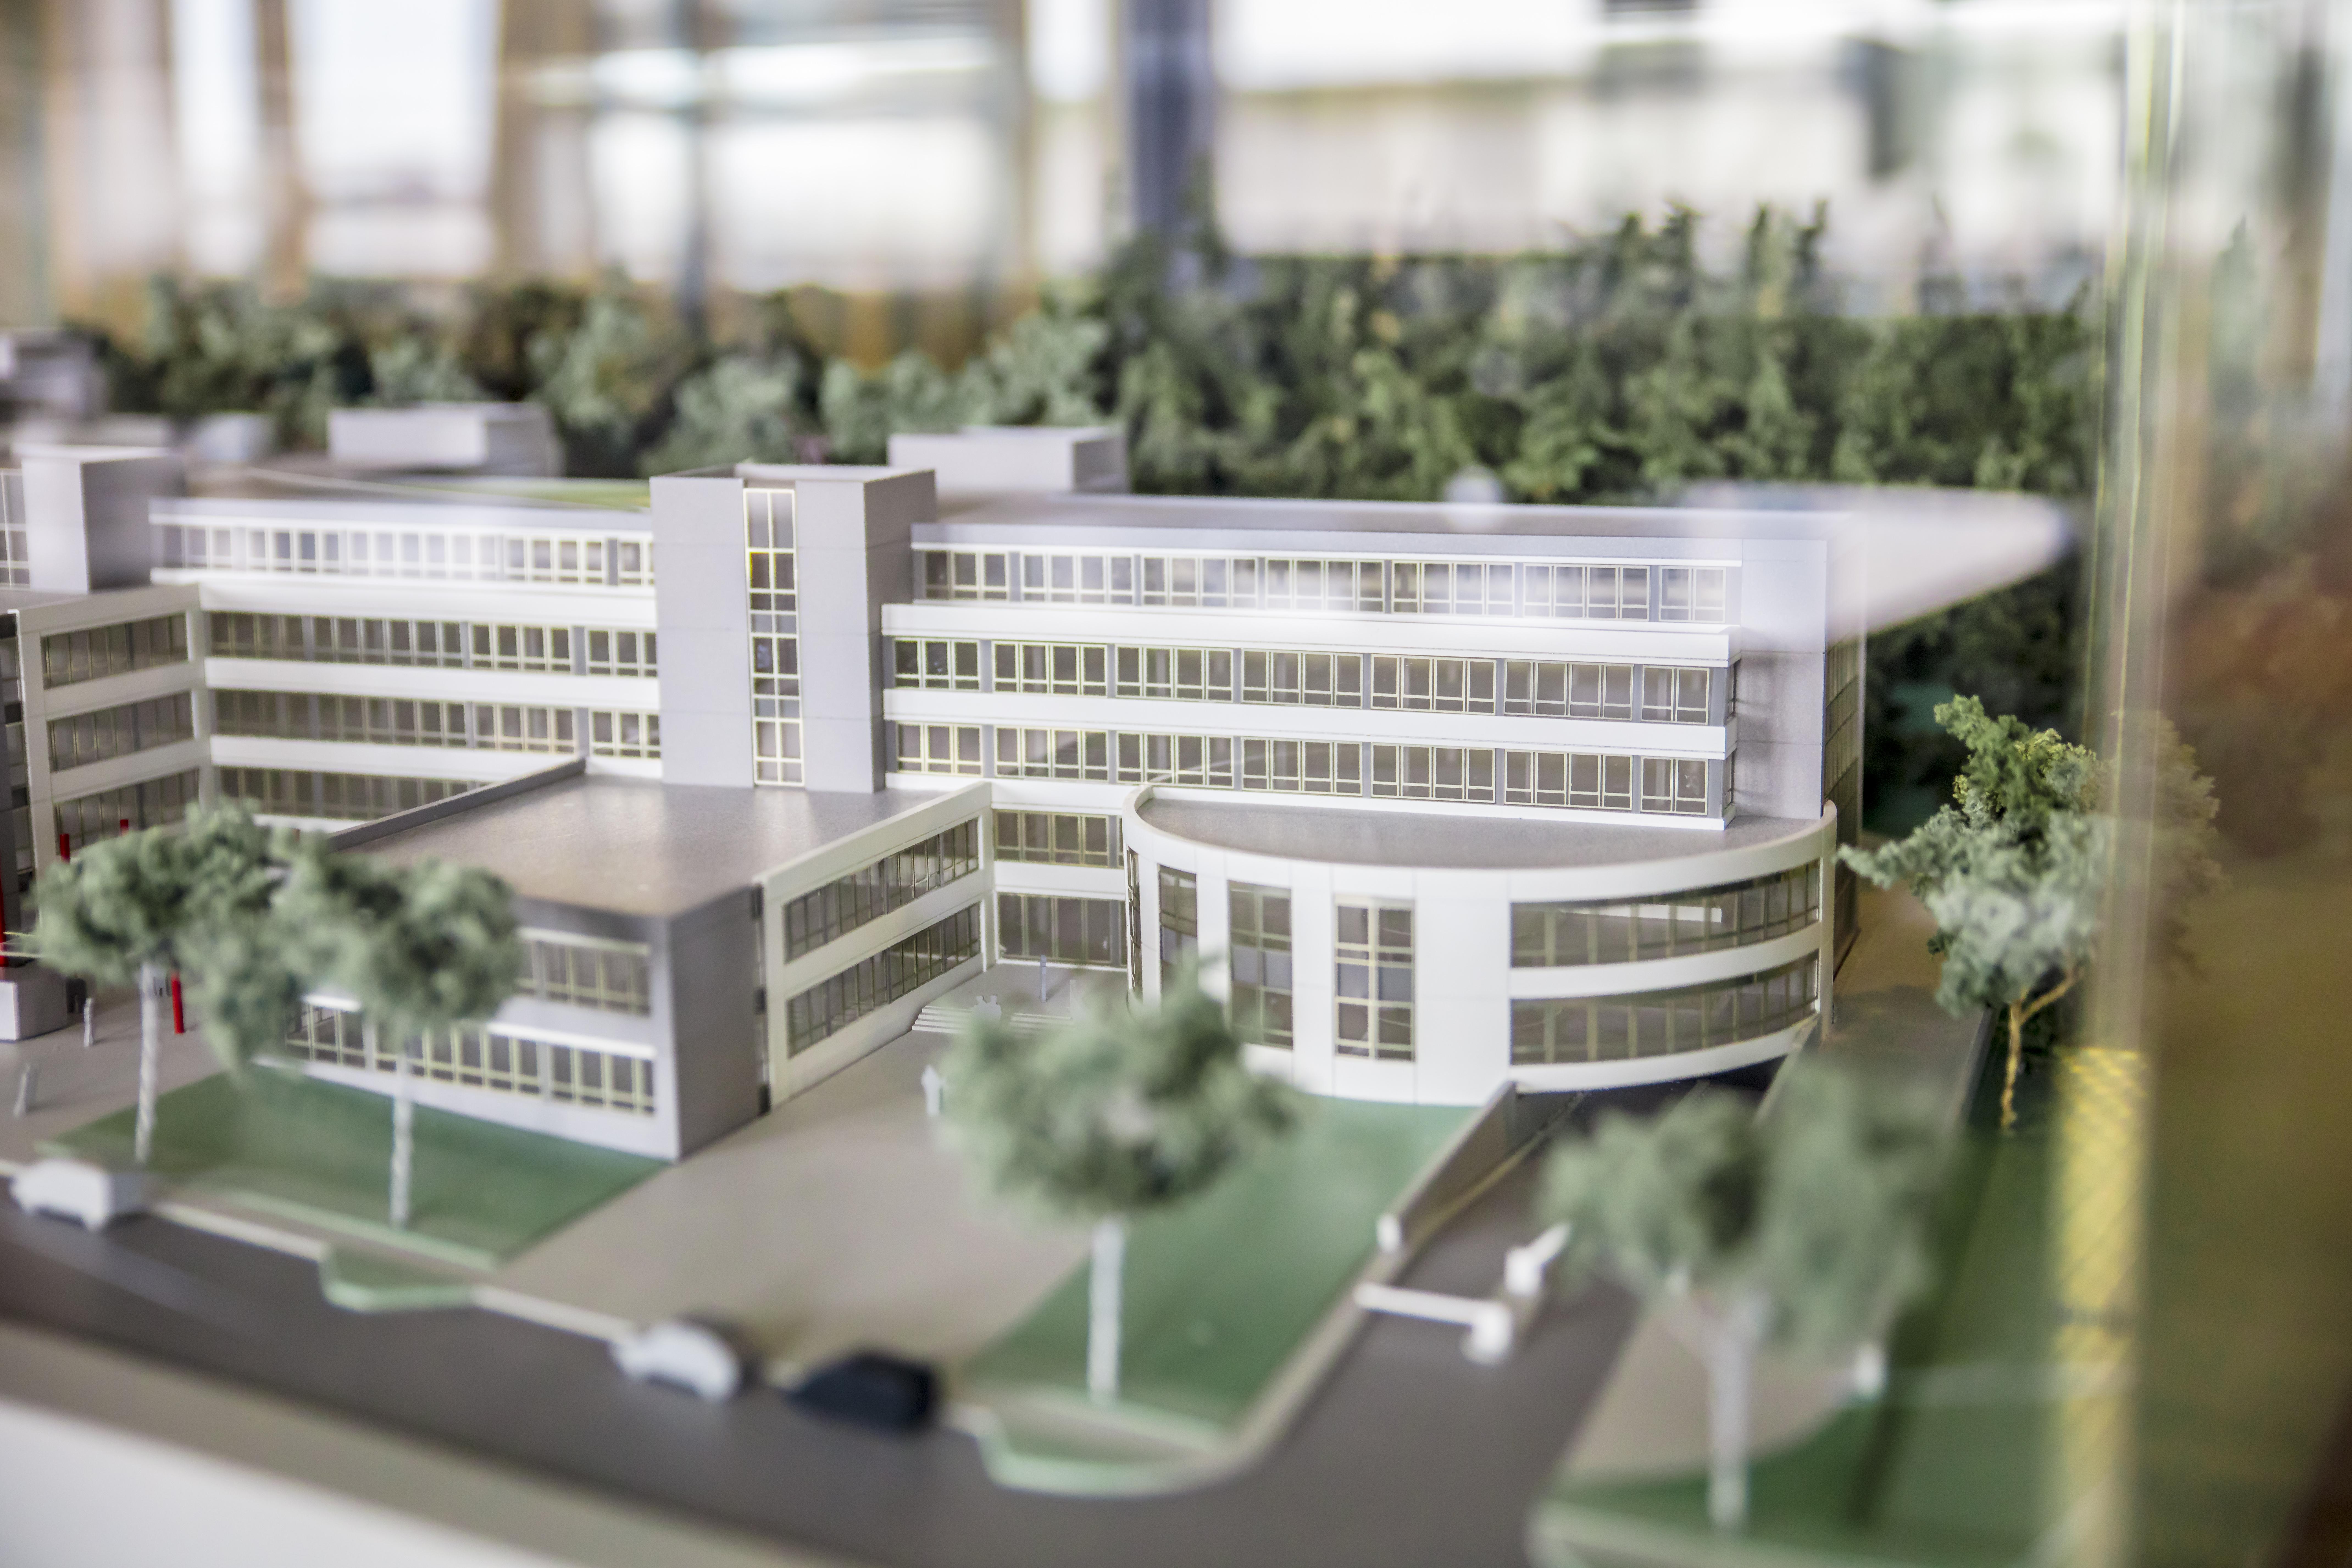 Dans le futur, tous les bâtiments du parc immobilier Schuler répondront à des normes environnementales AAA.